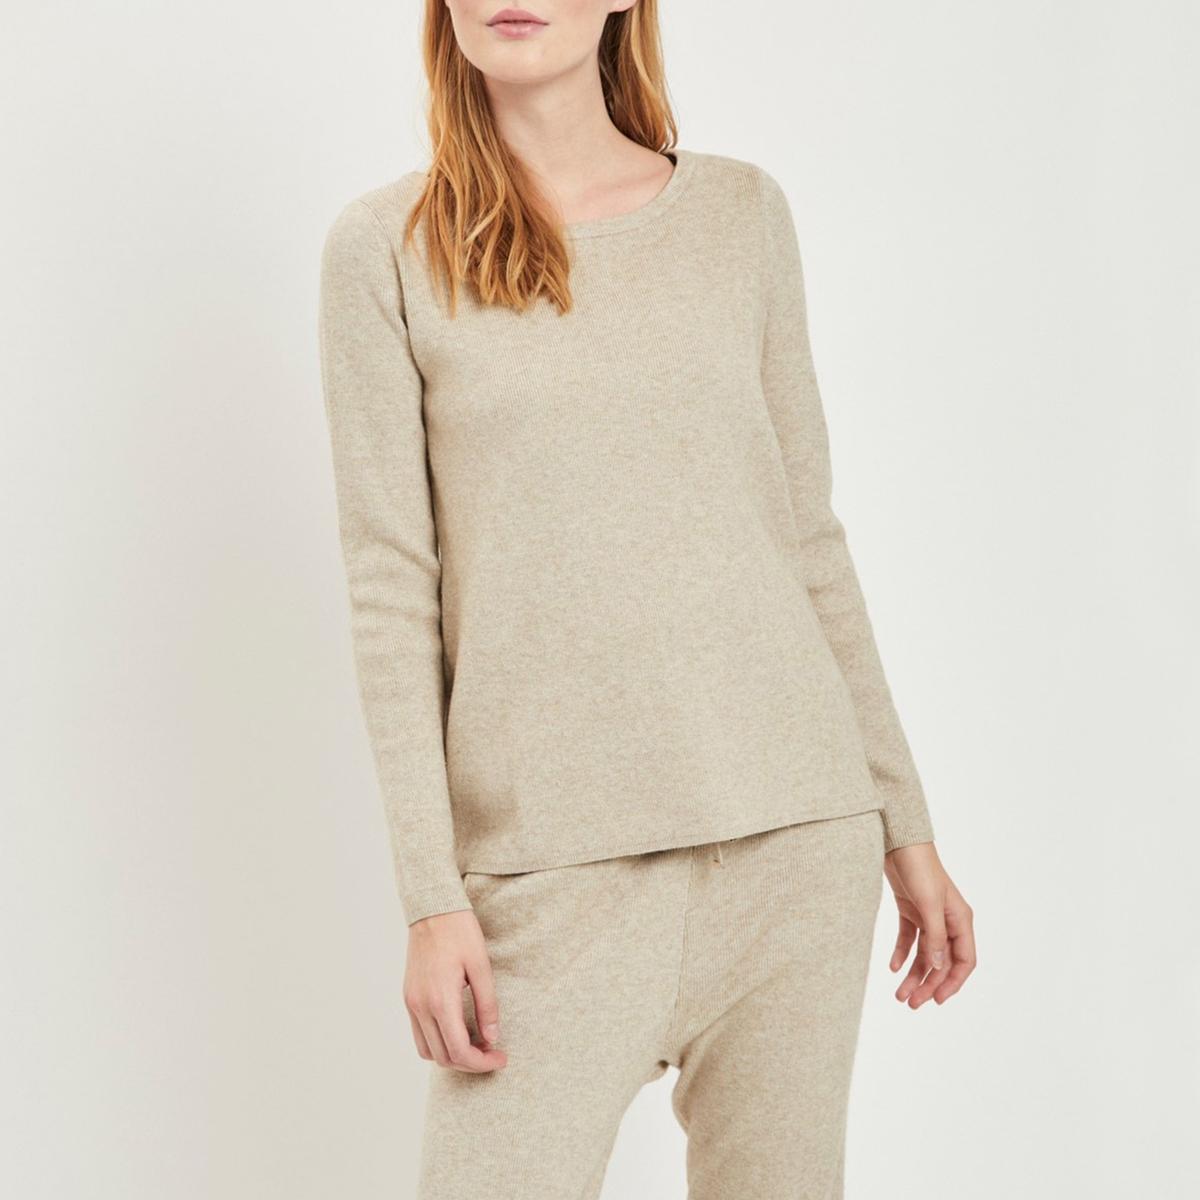 Пуловер La Redoute С круглым вырезом и застежкой на молнию по бокам XS бежевый lbellagiovanna redfushia белый бежевый xs